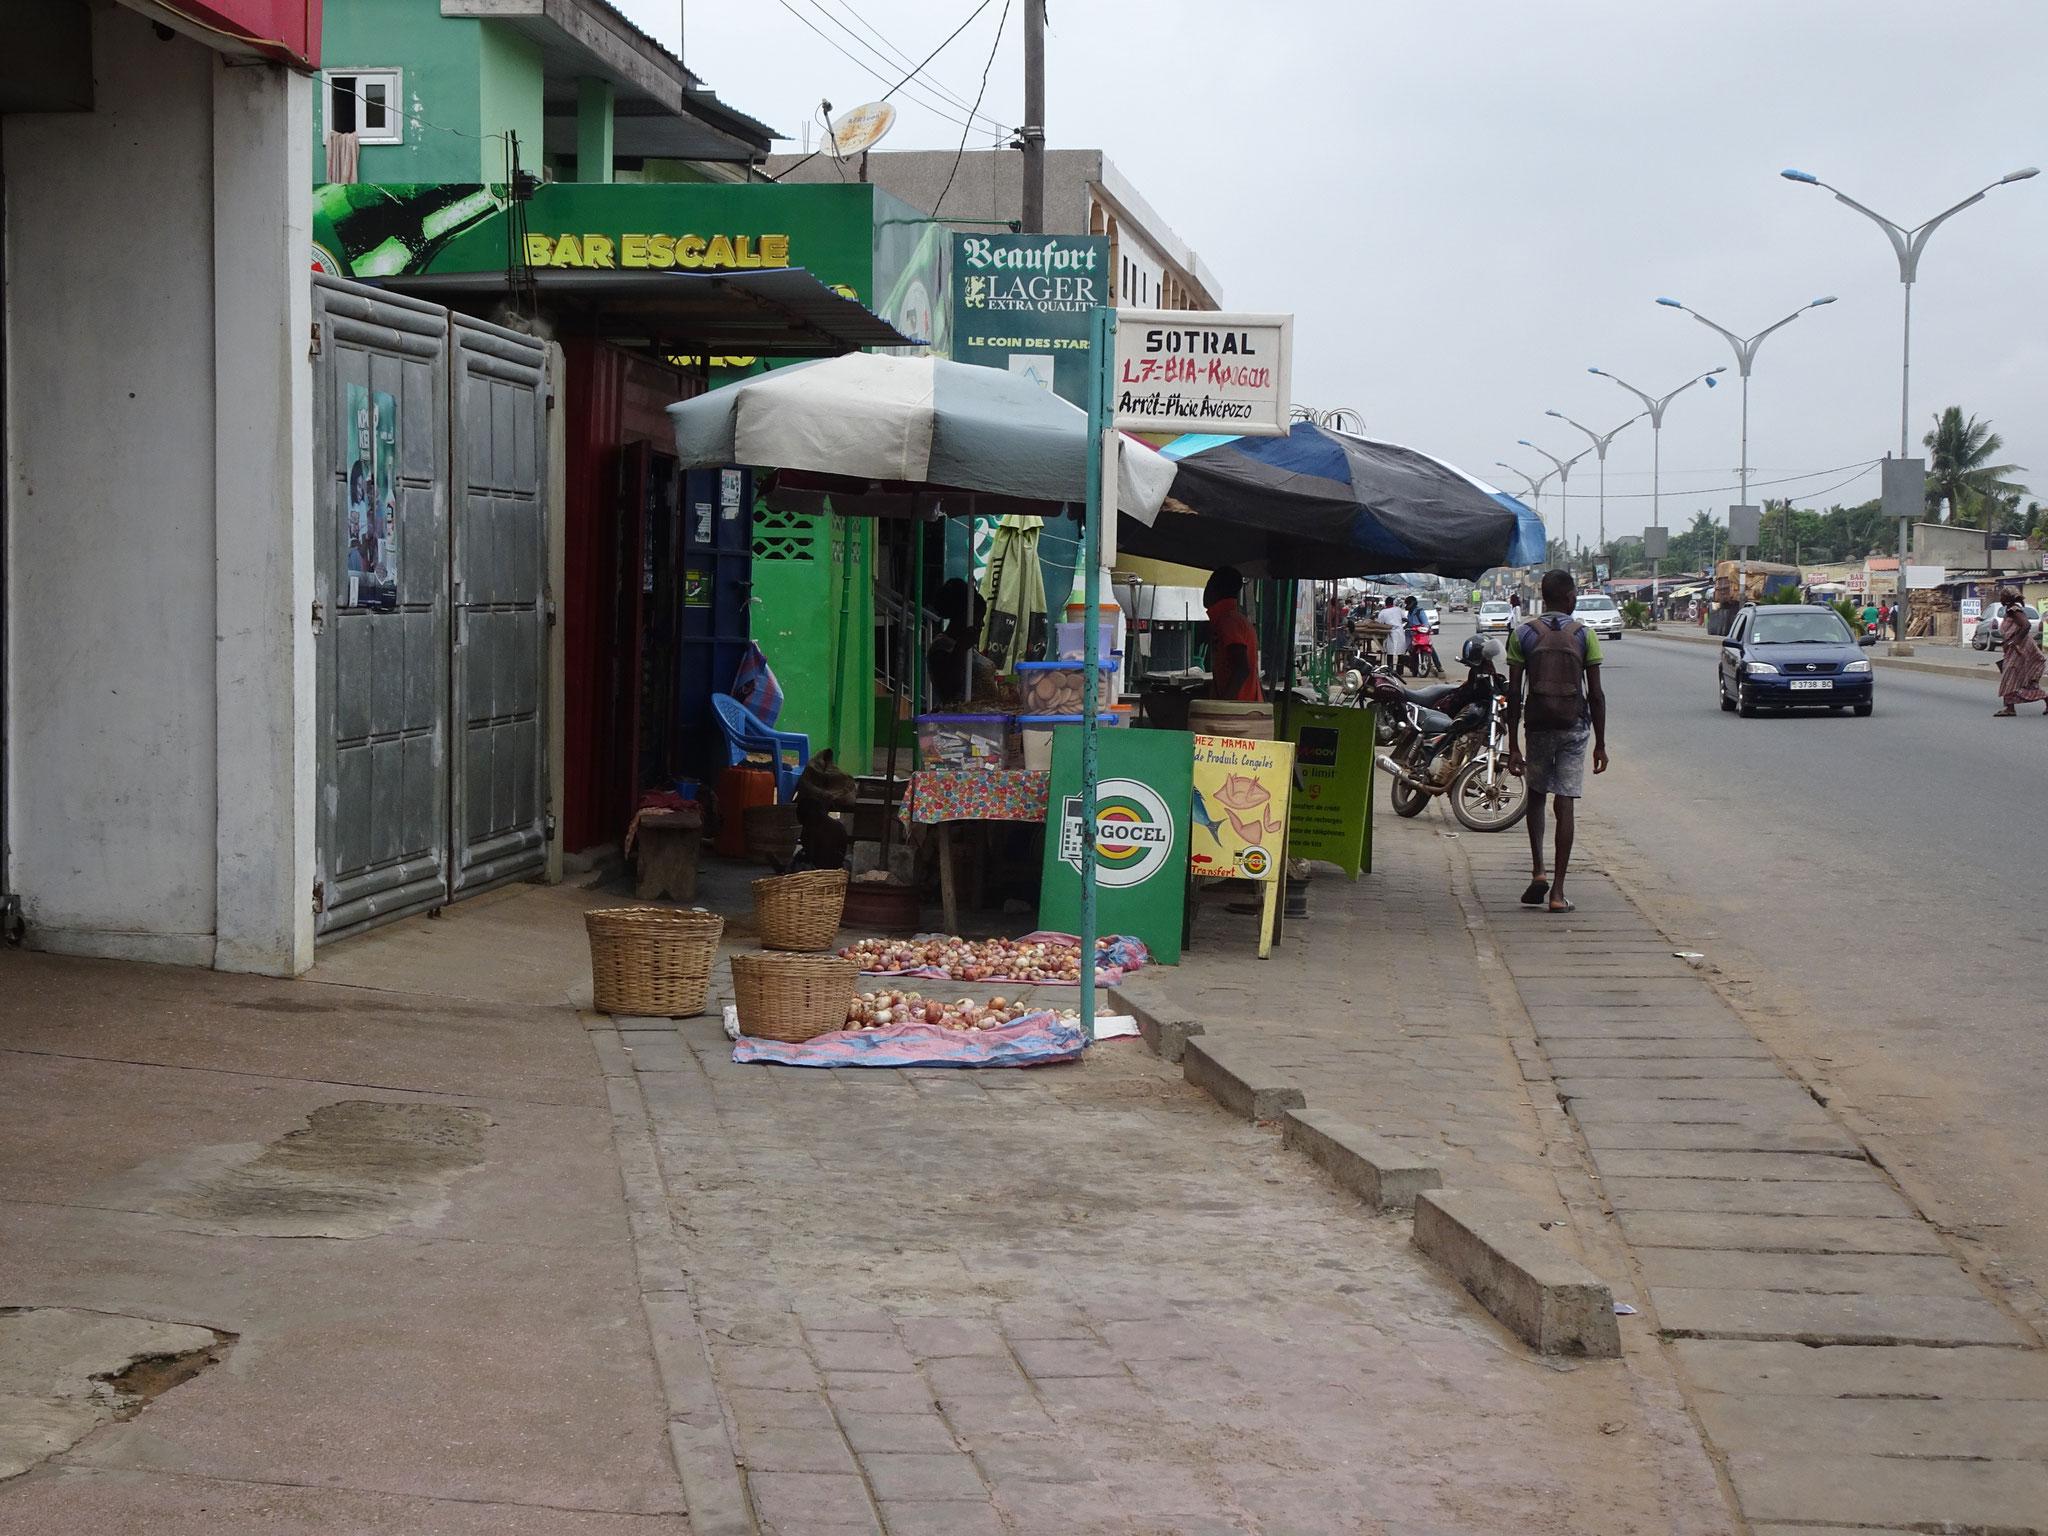 Dieser Marktstand bei der Bar Escale Molu Molu 229 hat sogar die Bushaltestelle überstellt.